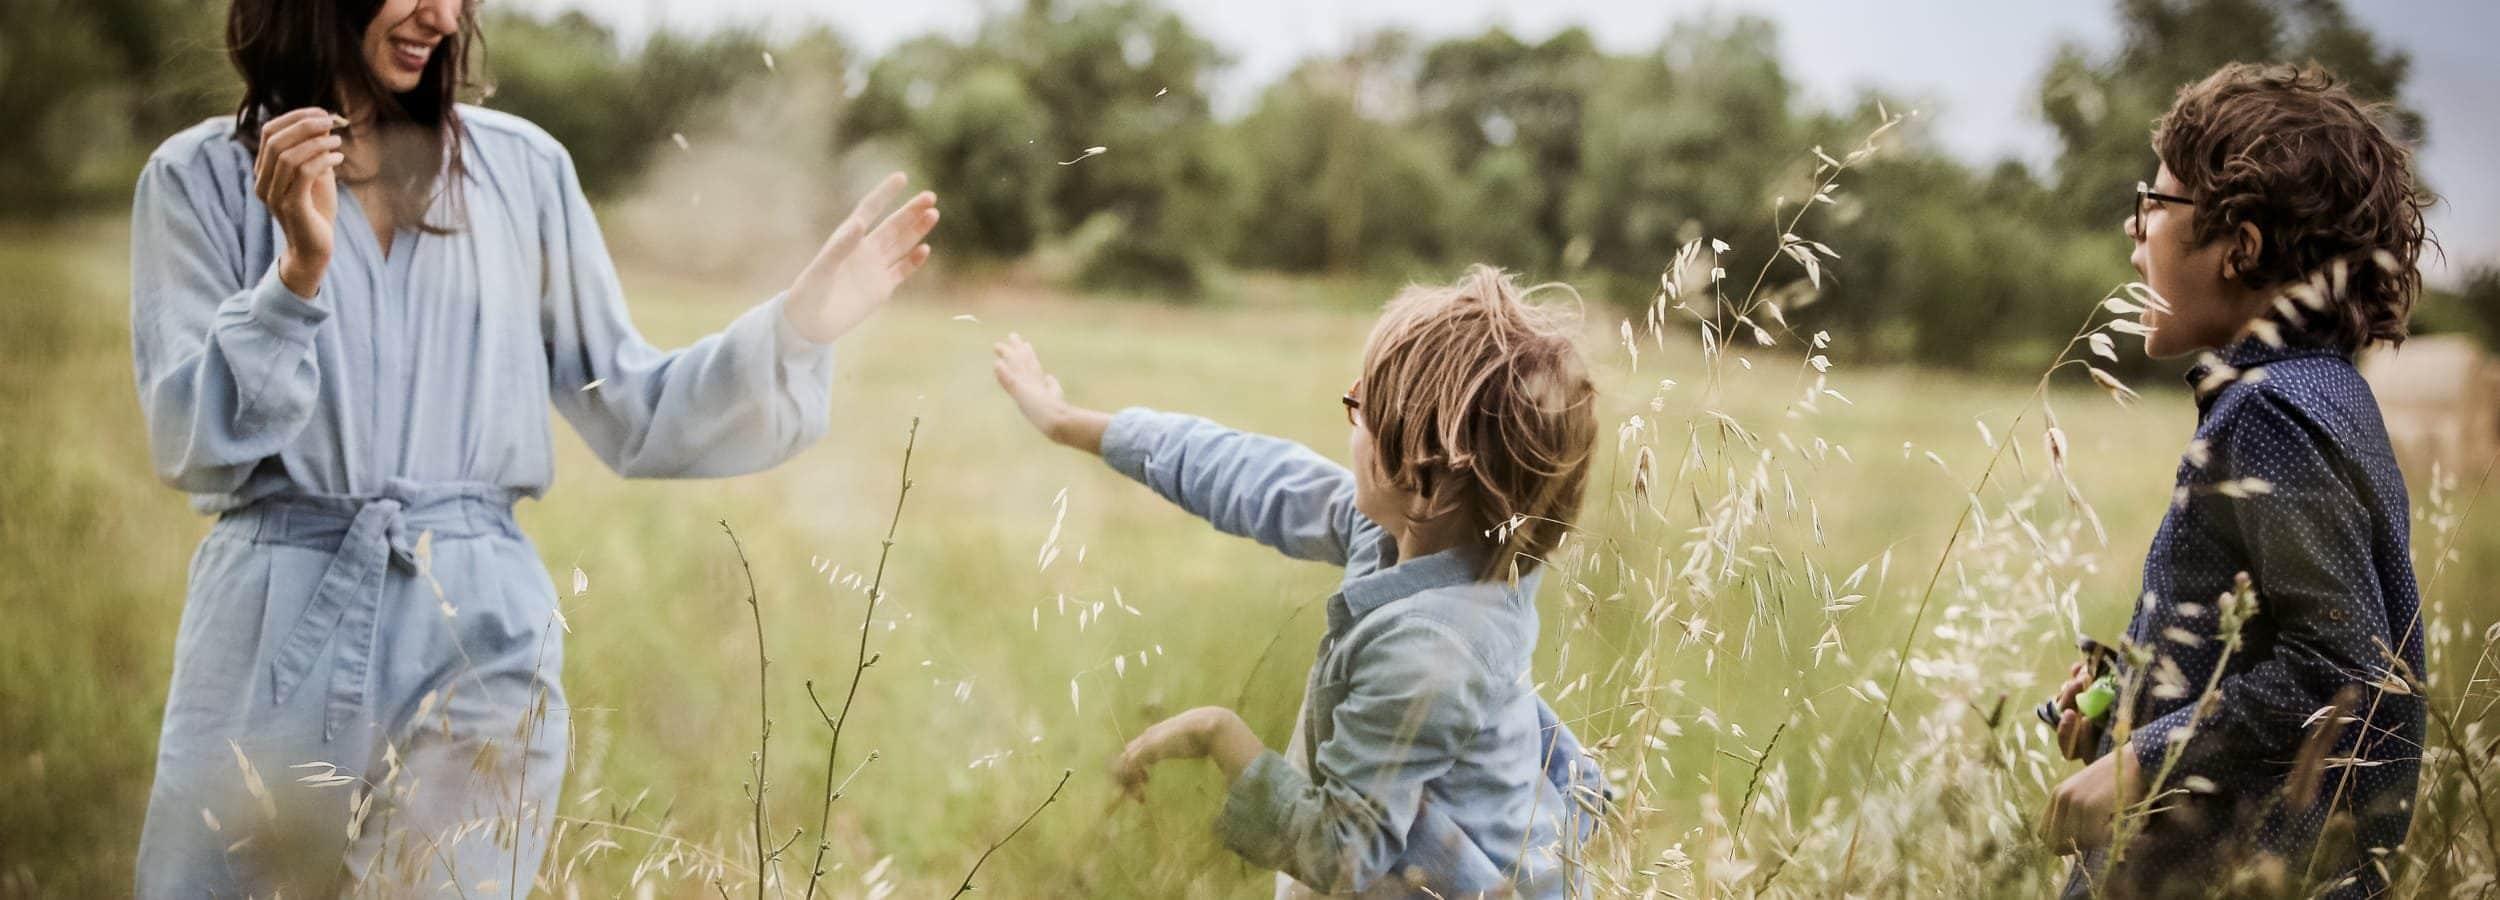 Photographe-aline-ruze-avec-ses-enfants-mariage-famille-book-montpellier